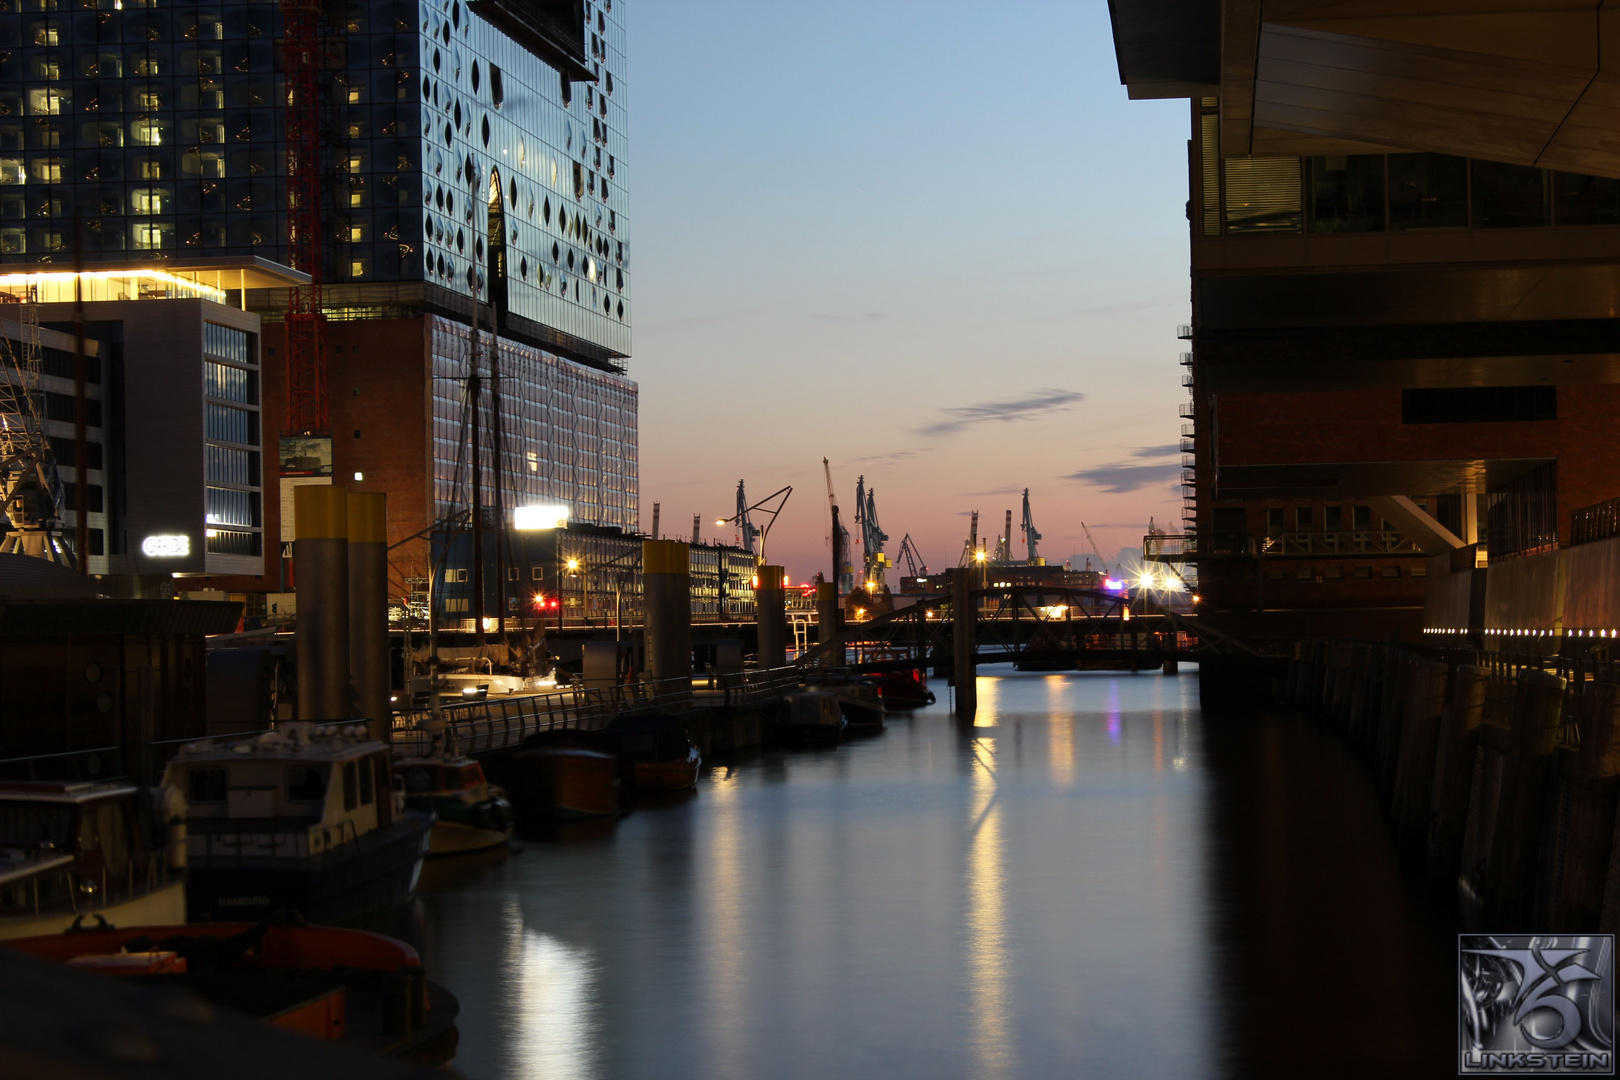 Ein stück vom Hamburger Hafen